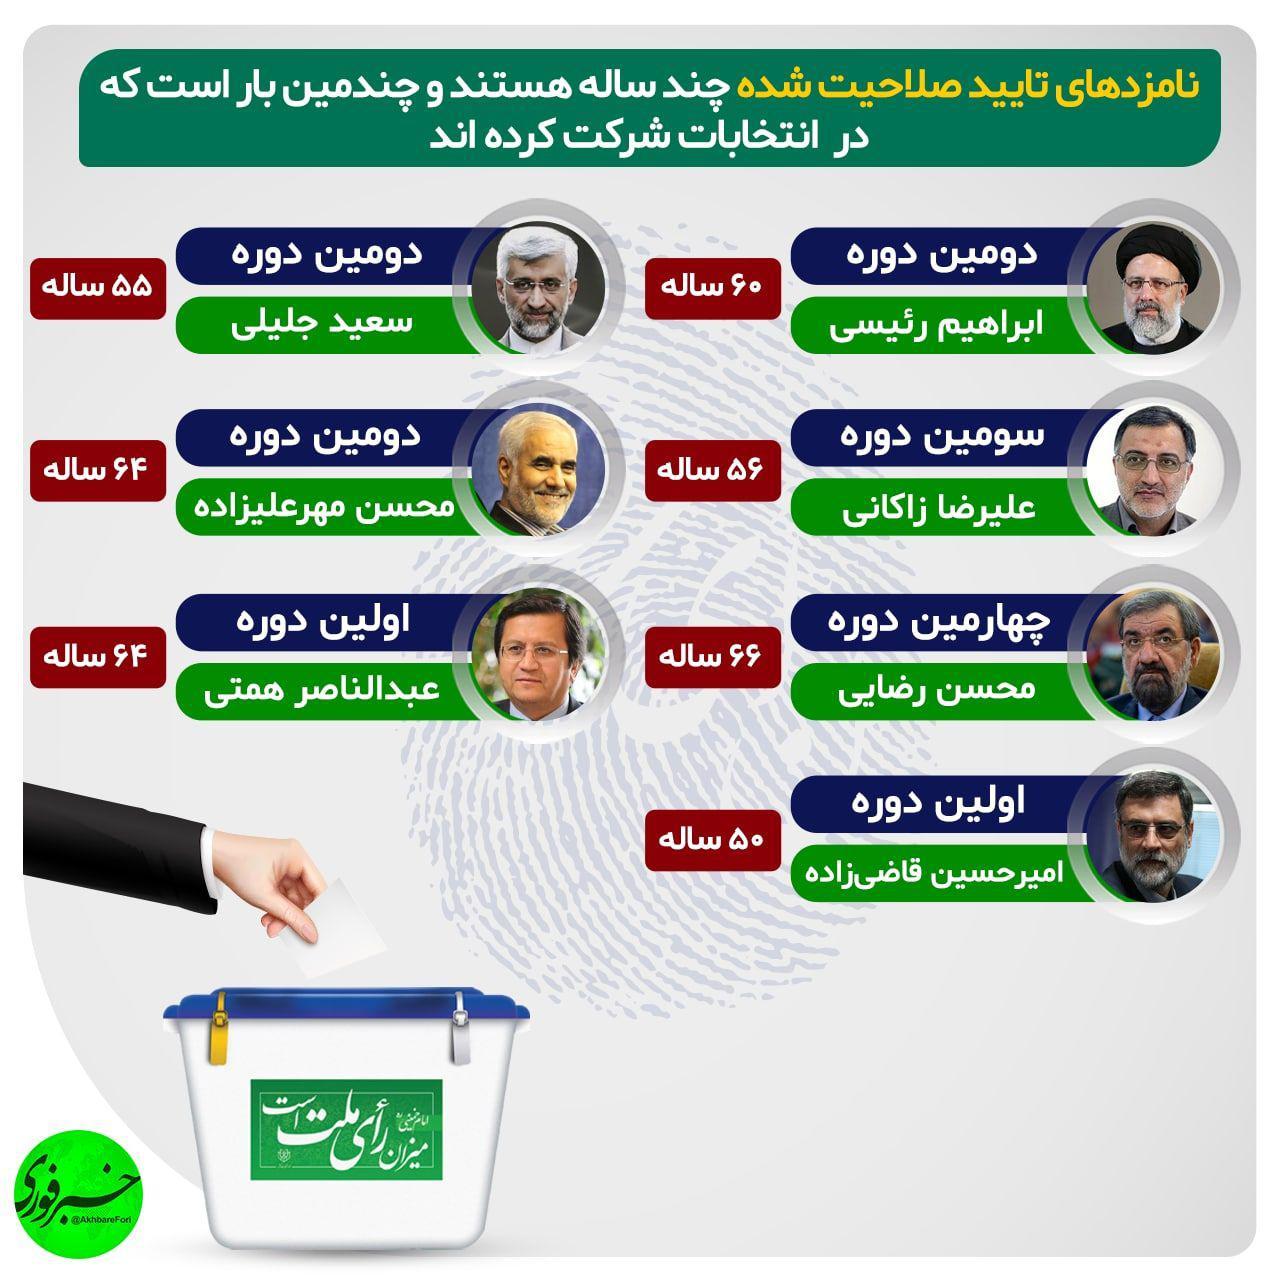 اینفوگرافیک | نامزدهای نهایی انتخابات ۱۴۰۰ چند ساله هستند و چندمین بار است که در انتخابات شرکت میکنند؟